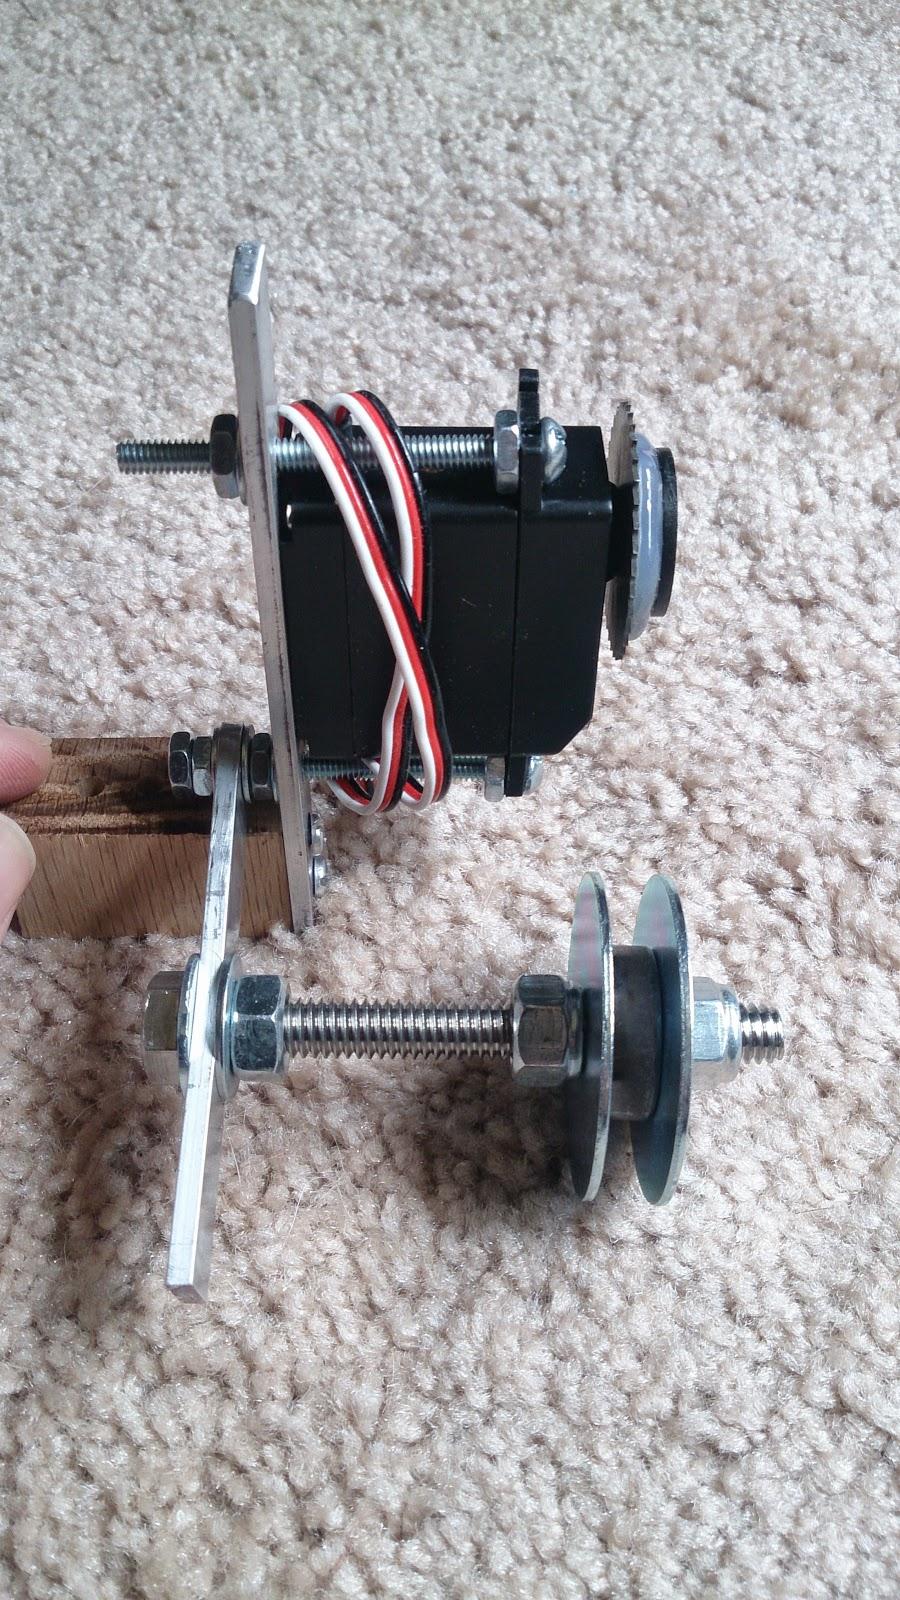 2014-05-03 (Sa) Upcycled 3D Printer